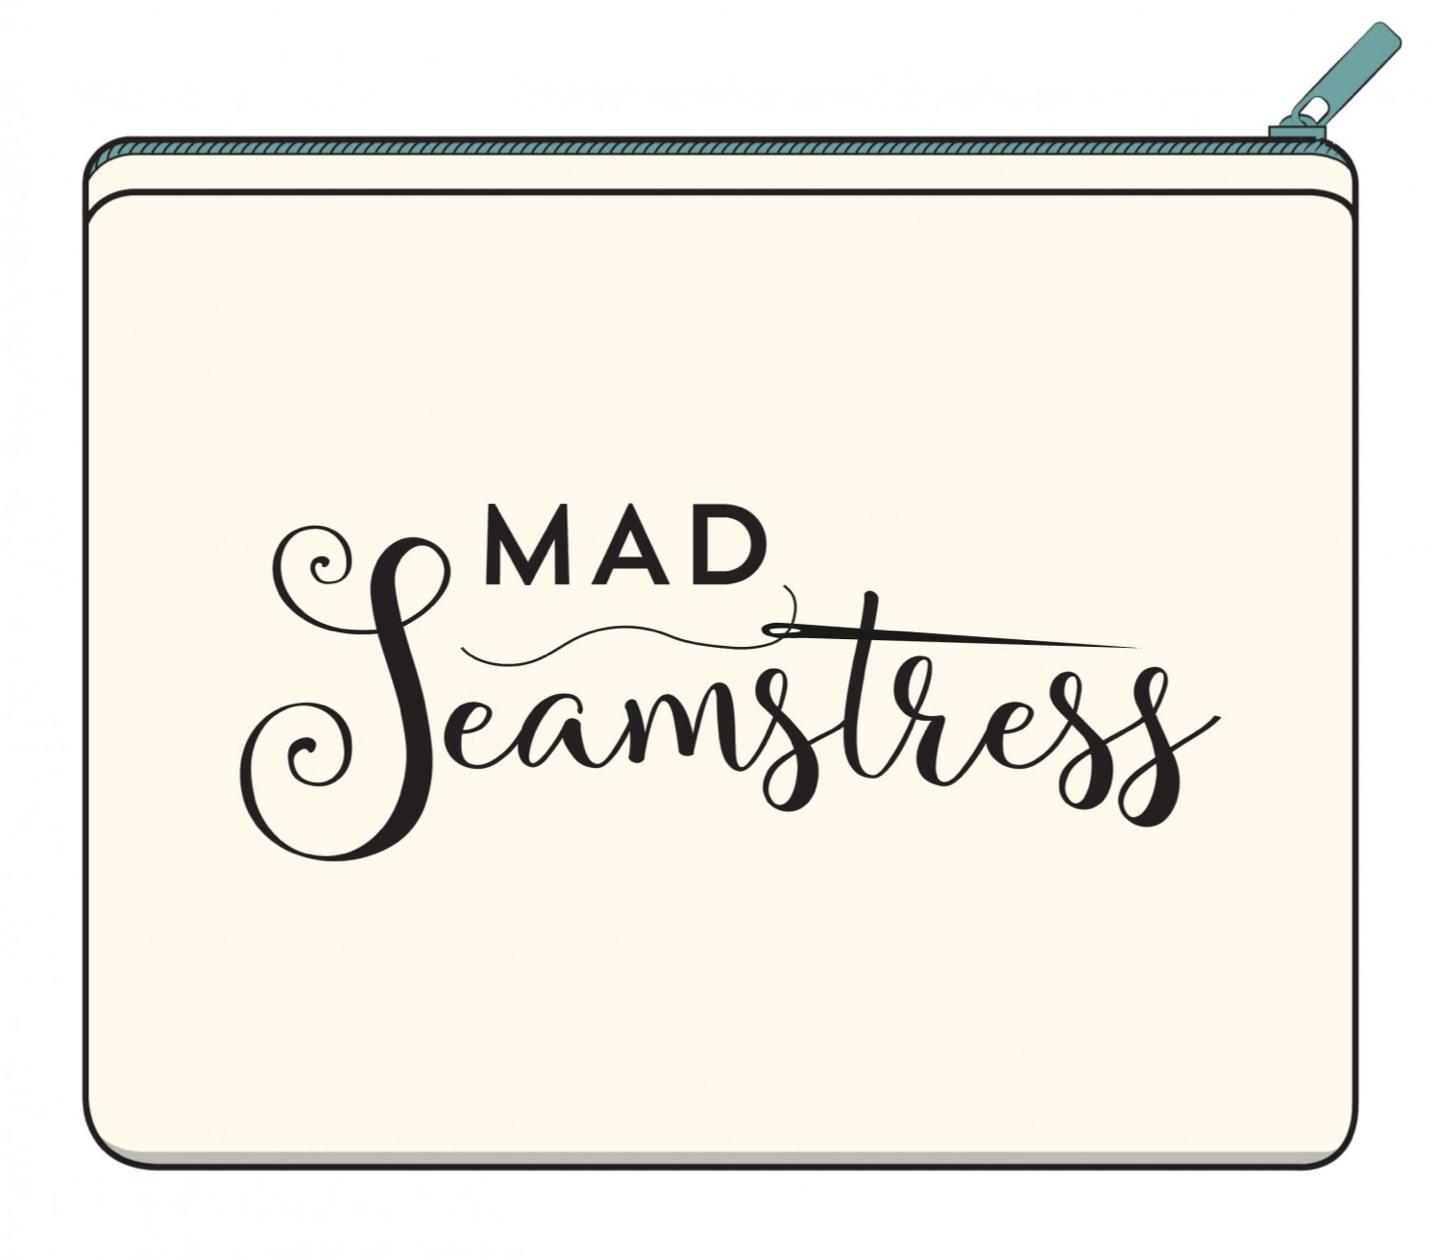 Small Seamstress Zipper Bag